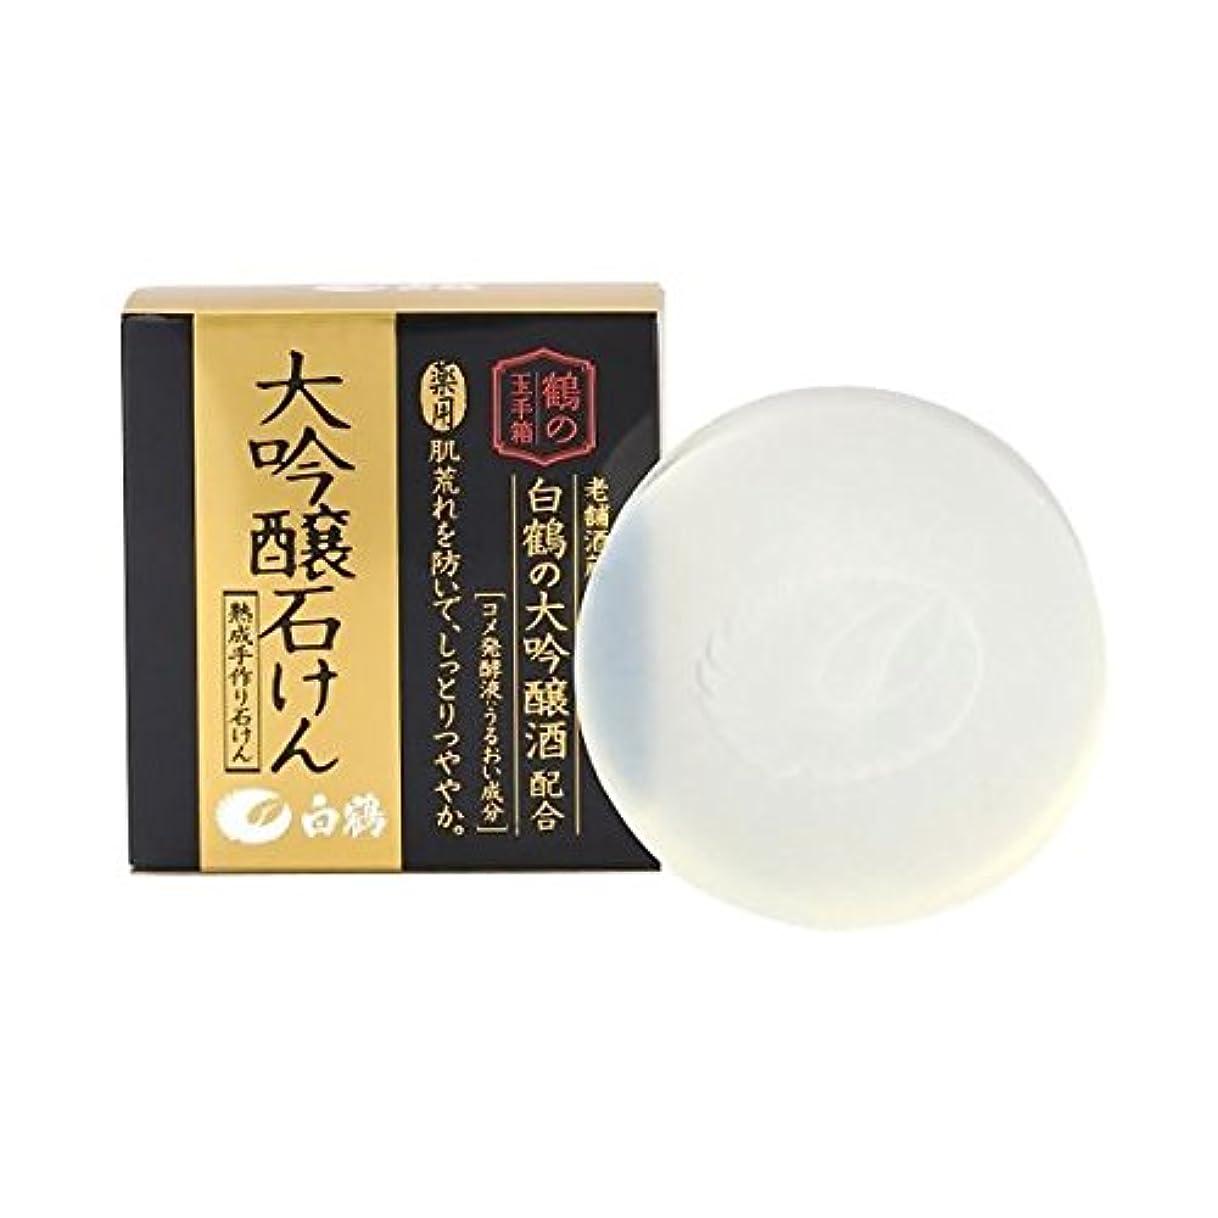 進む合図条約白鶴 鶴の玉手箱 大吟醸石けん 100g × 3個 (薬用)(医薬部外品)